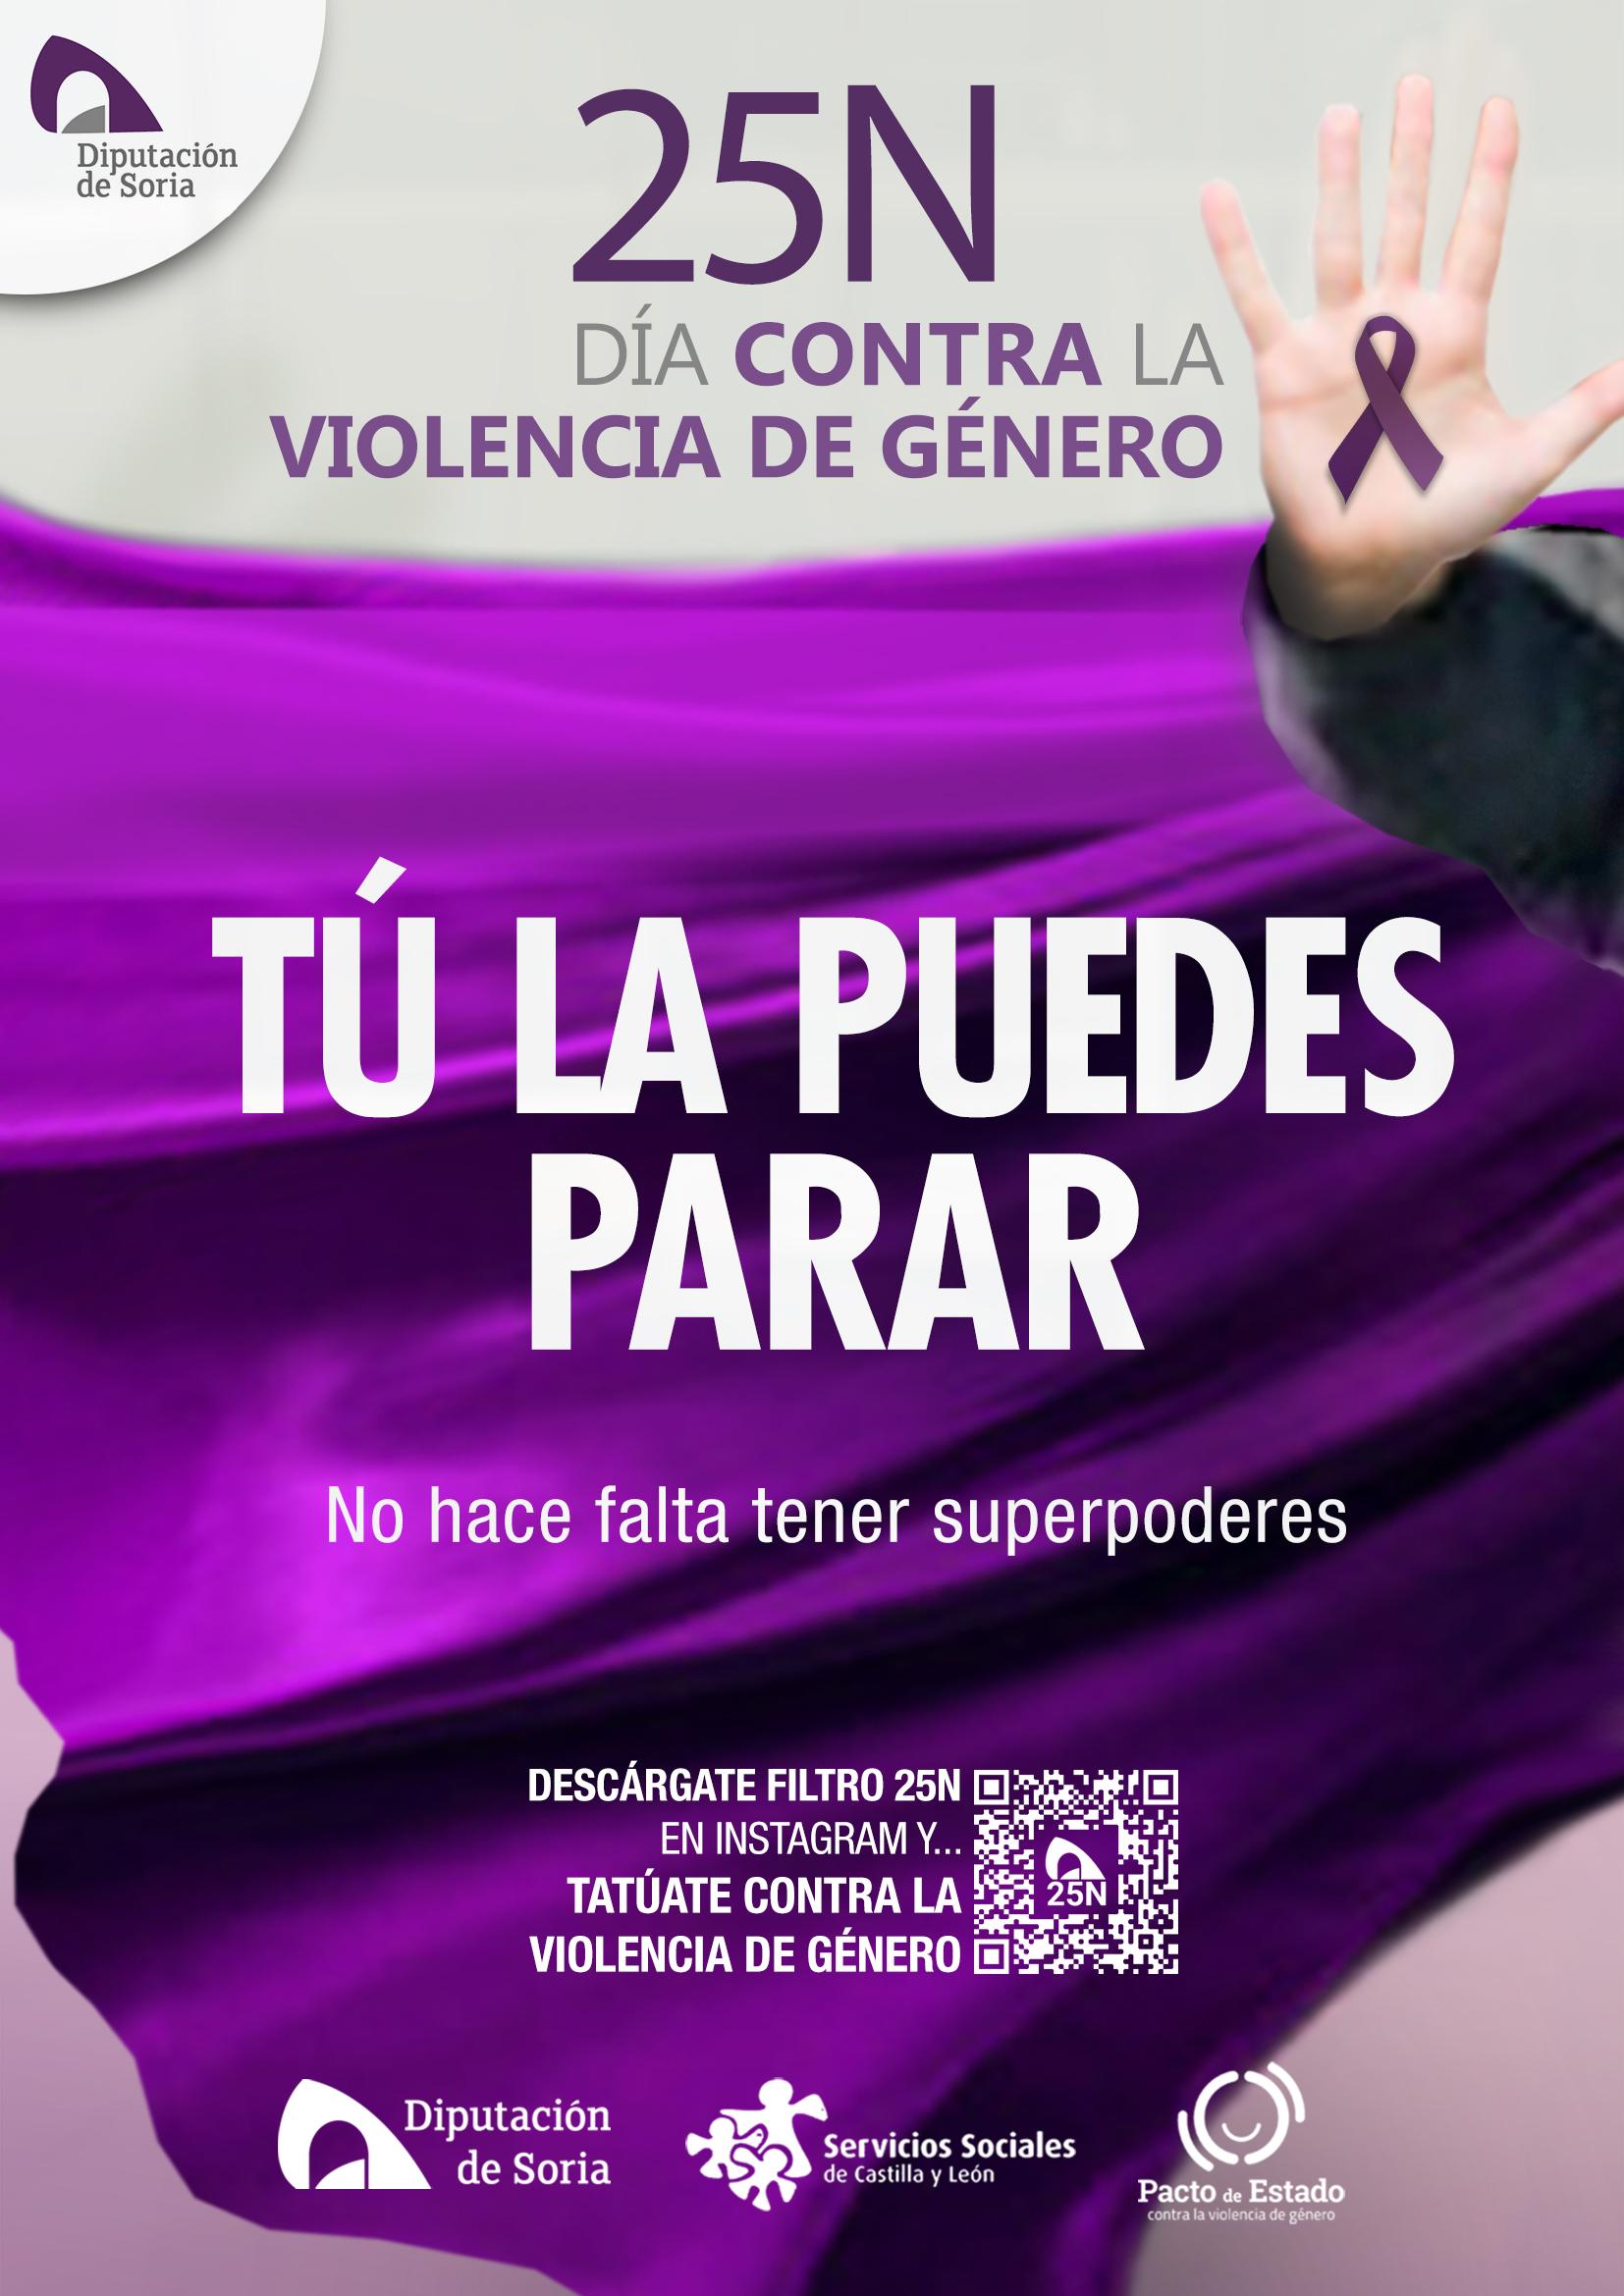 Diputación de Soria presenta la campaña Tú la puedes parar, el 25 de noviembre, Día Contra la Violencia de Género.